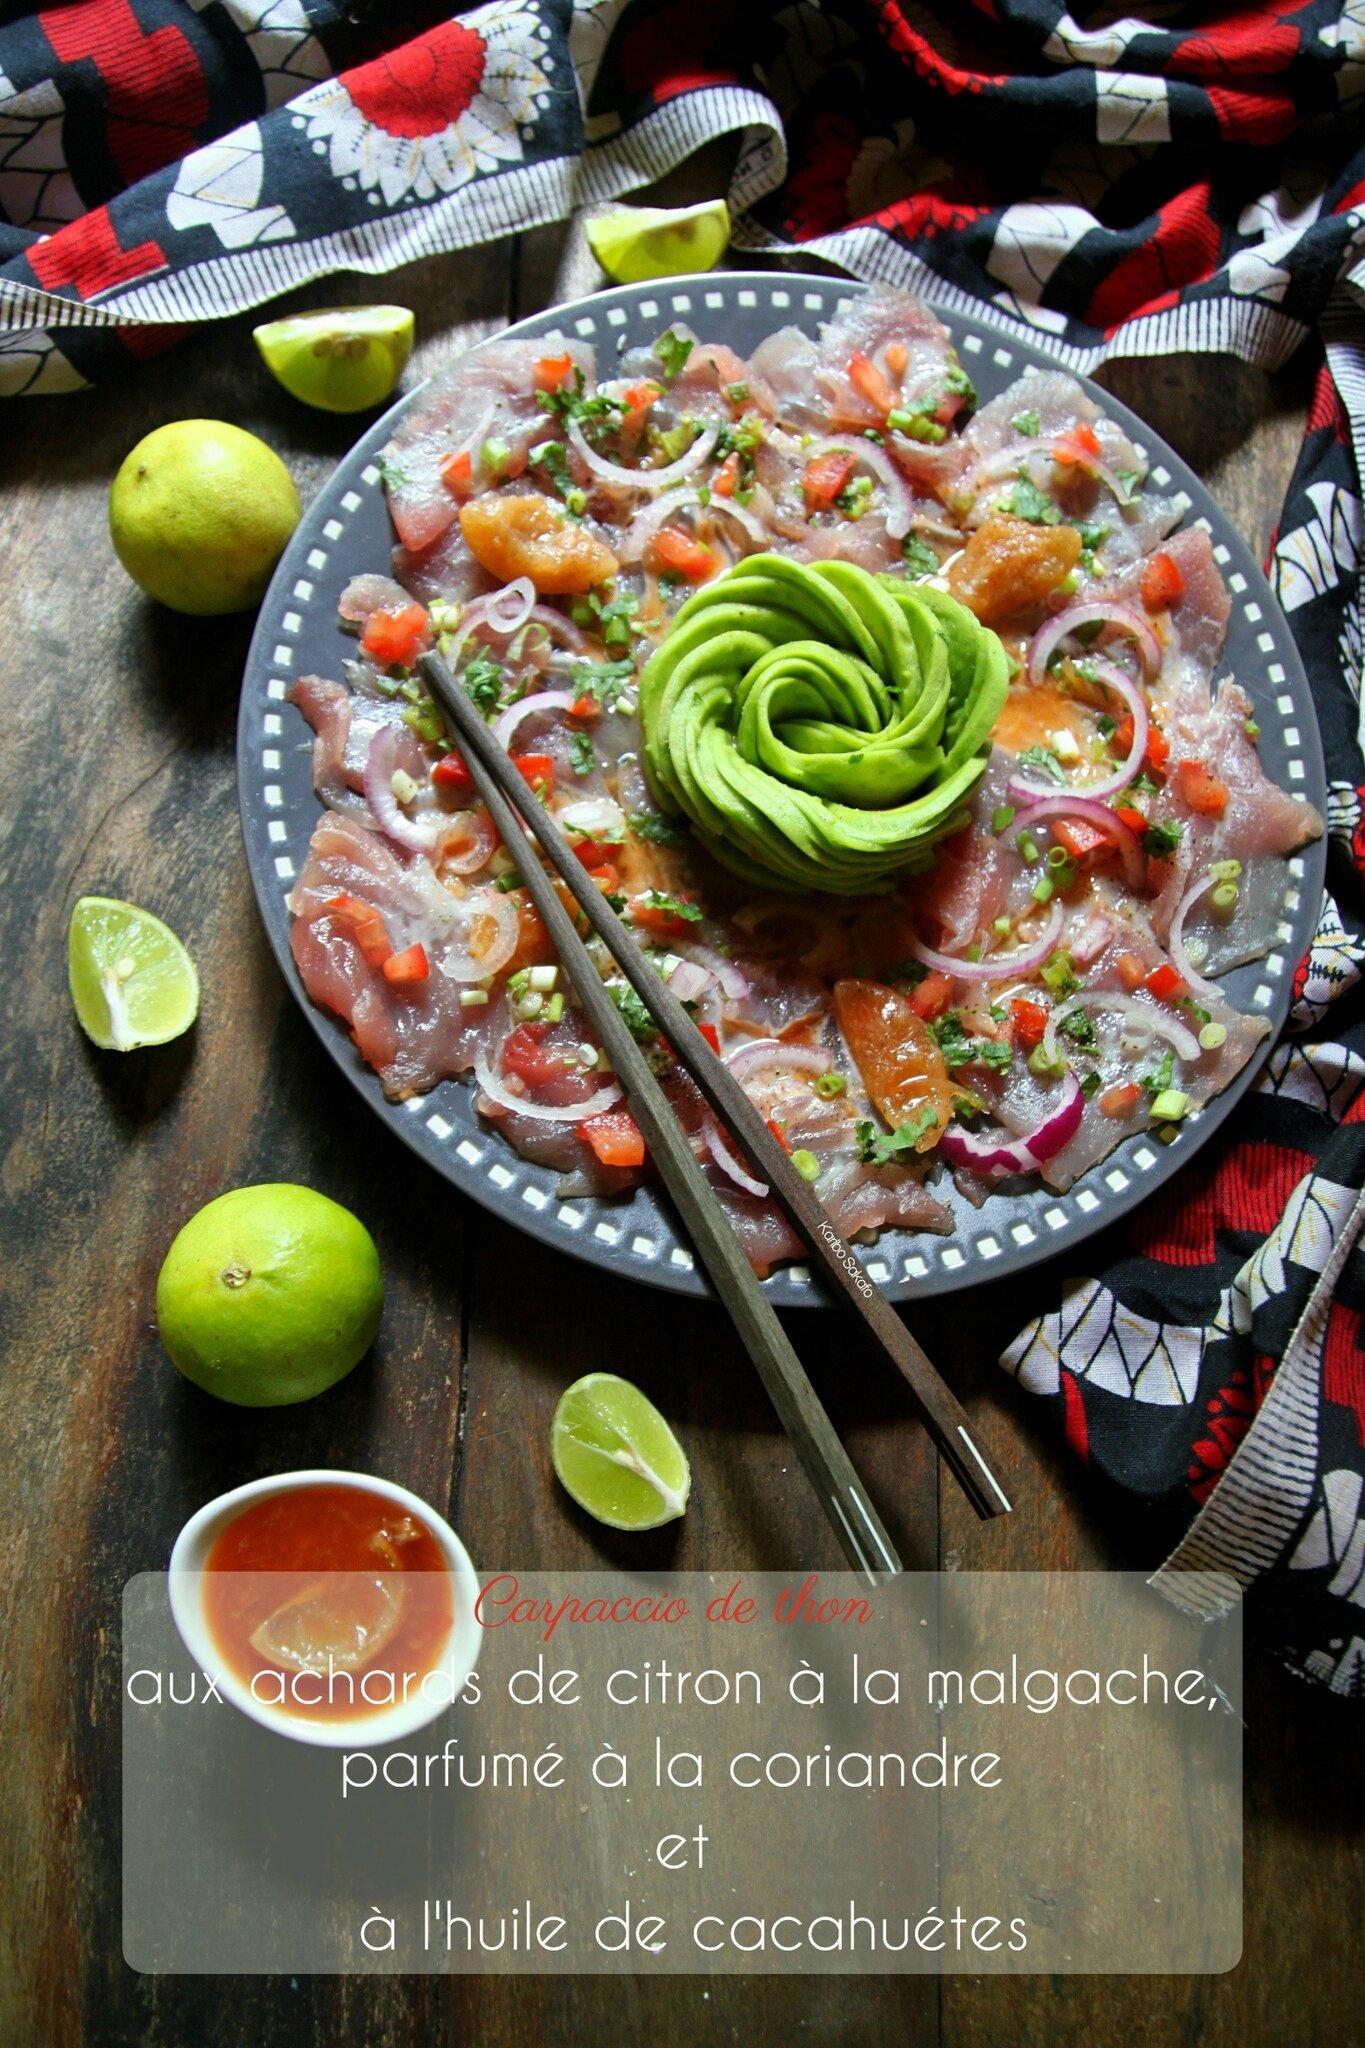 Carpaccio de thon aux achards citron à la malgache, parfumé à la coriandre et à l'huile de cacahuètes